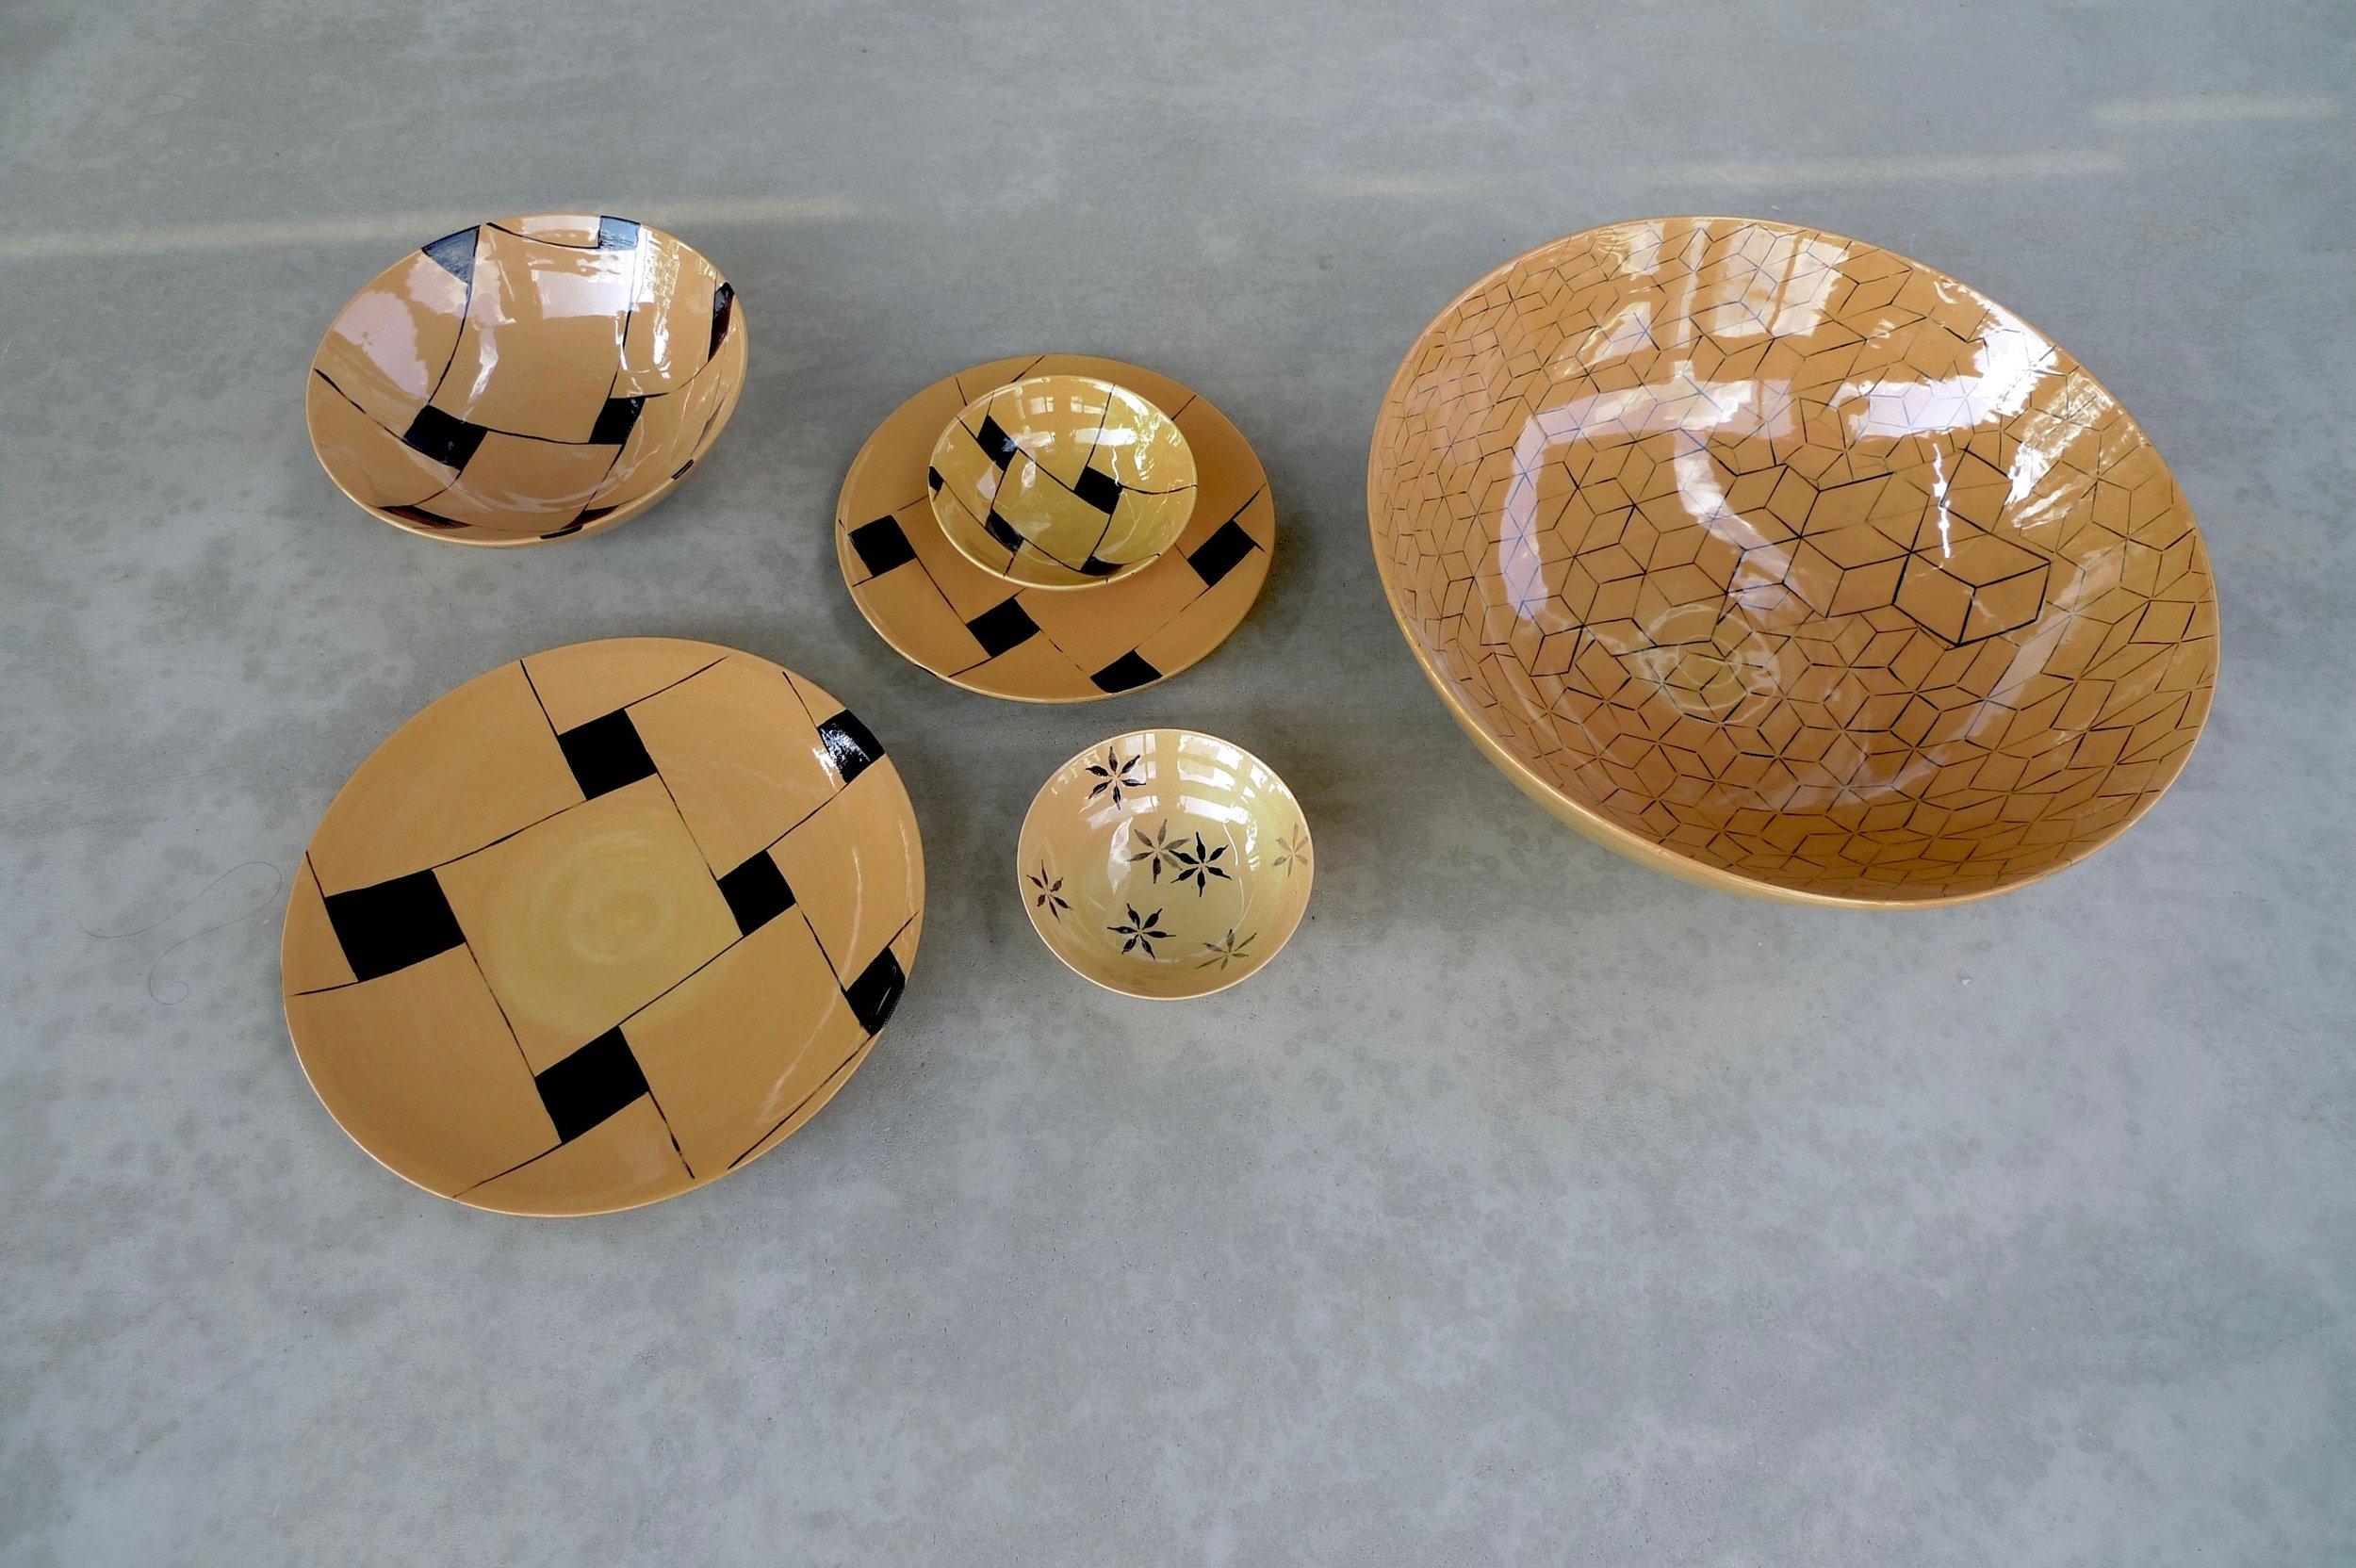 design on terra cotta bowls: 16x36cm (350E),7x20cm (60E),3x13cm (45E) plates 28cm (80),22cm(40E)